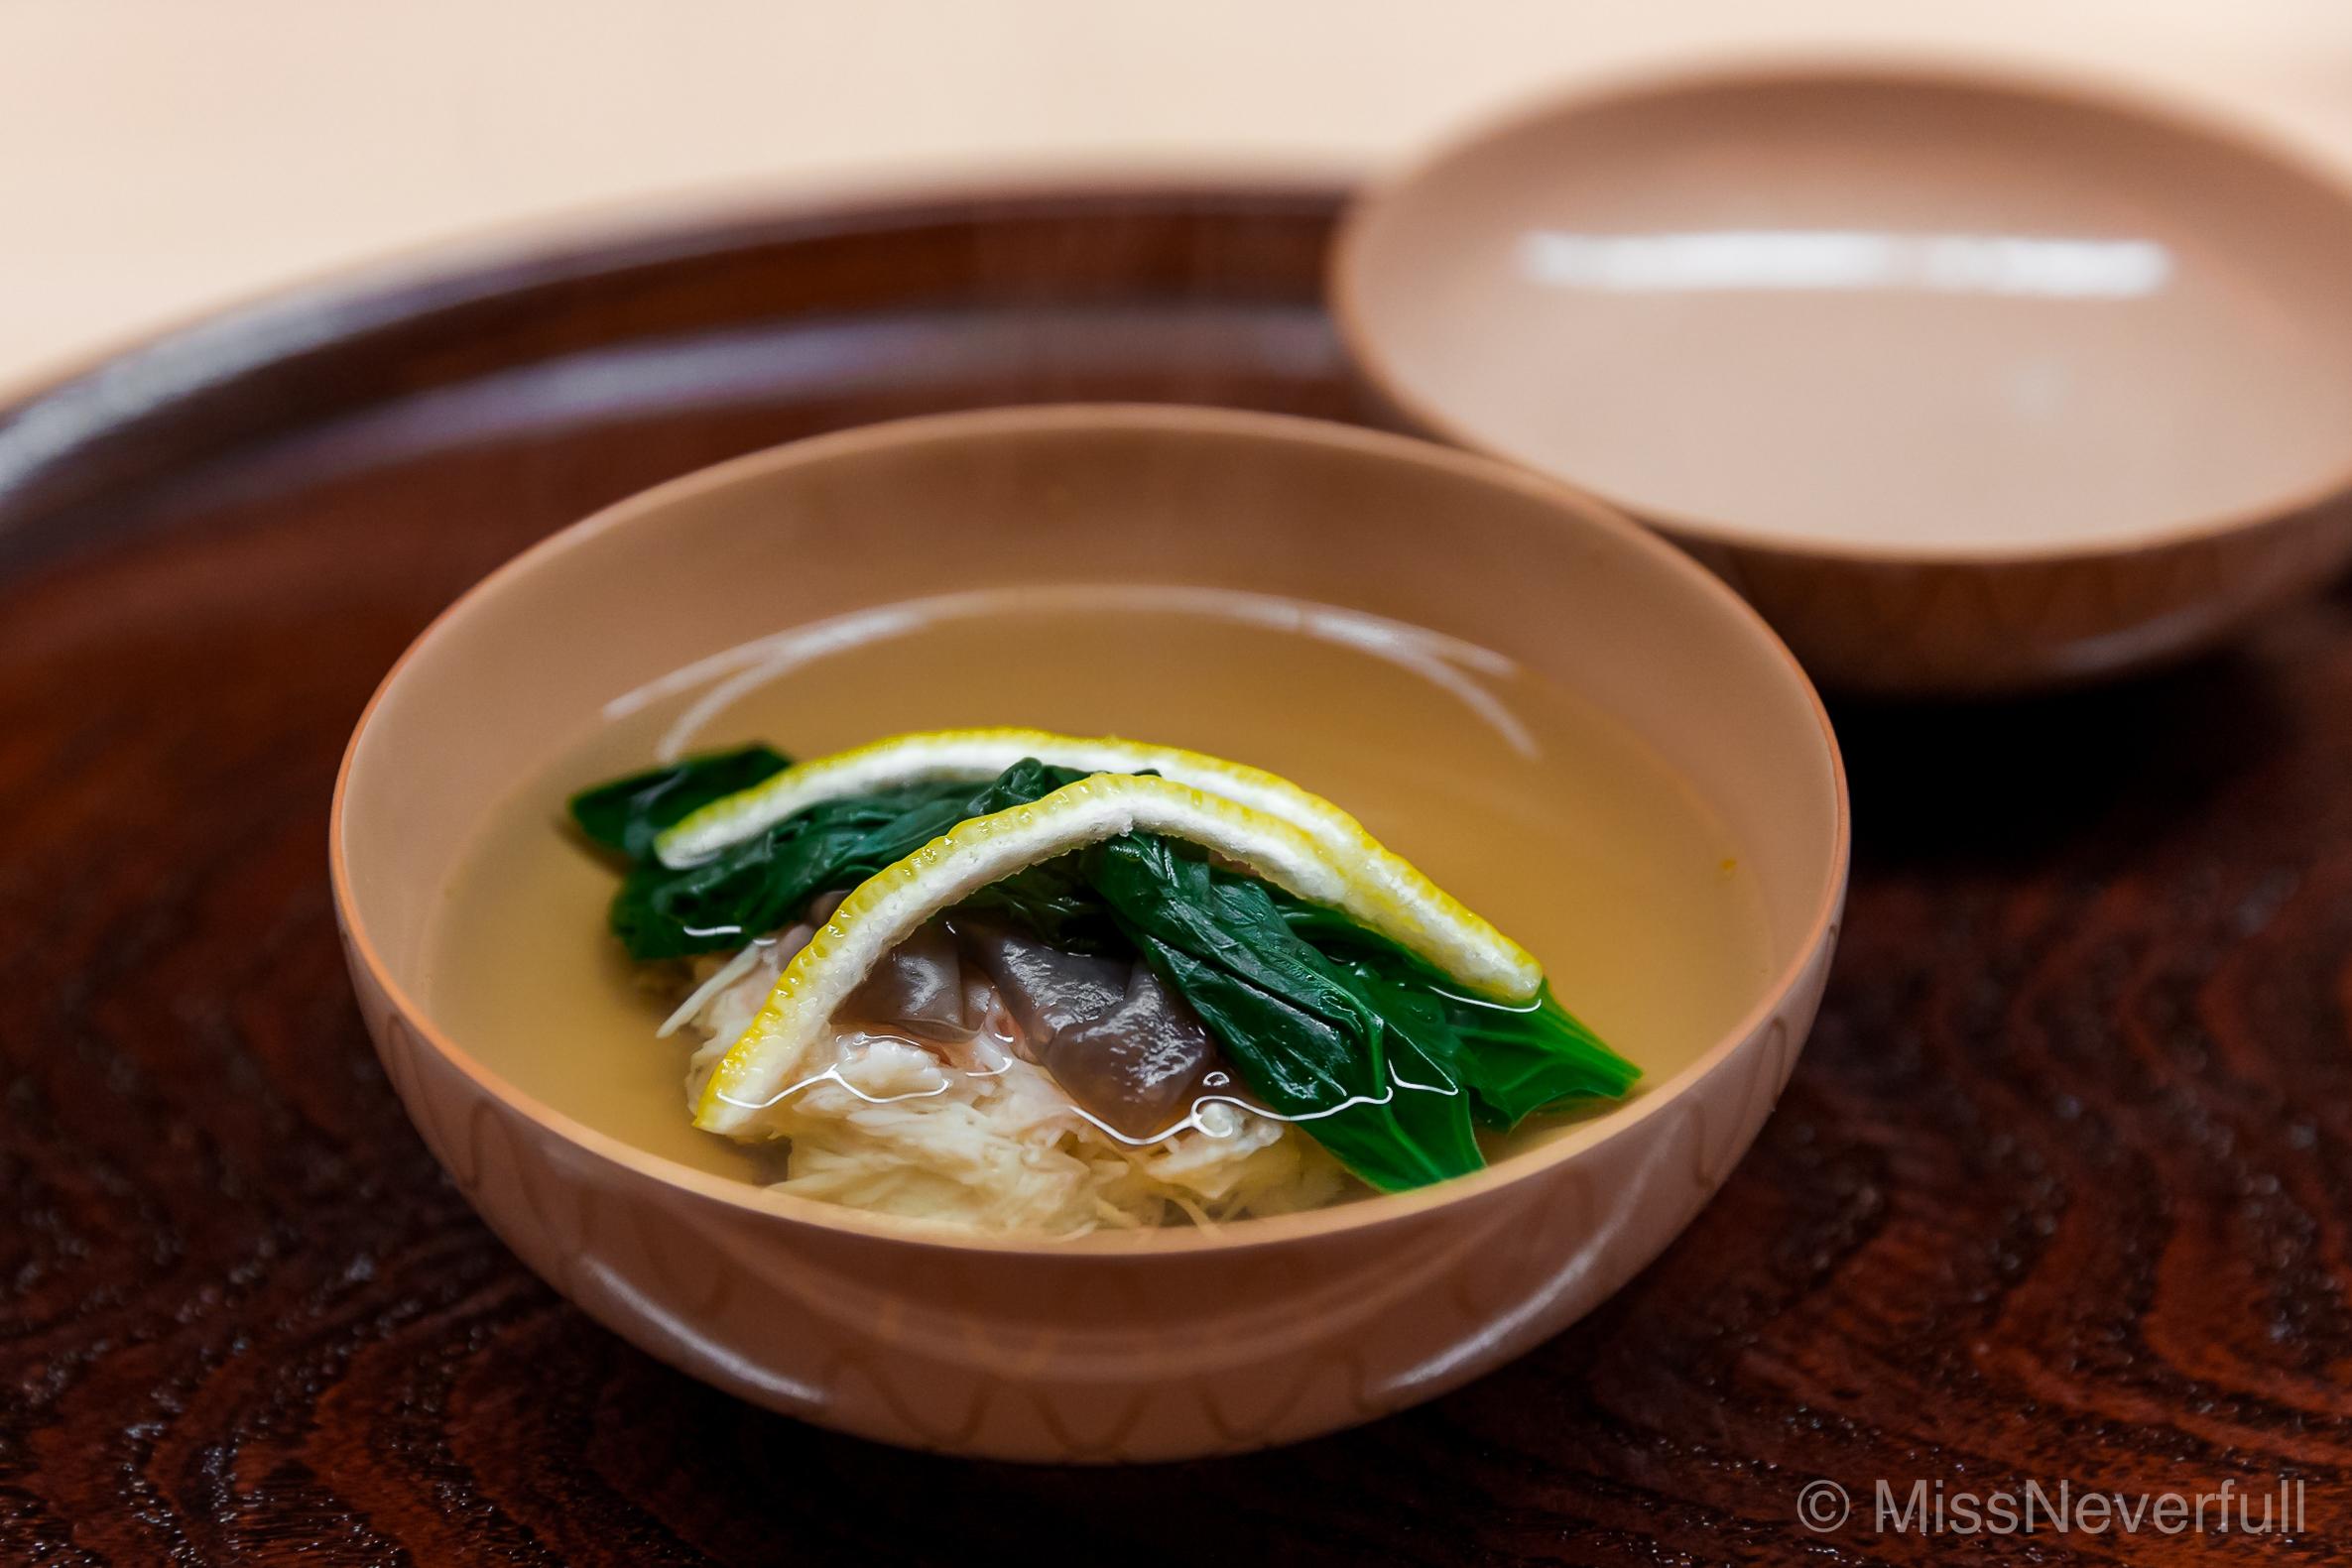 4. Owan: crab shinjo (dumplings), black fungus, spinach